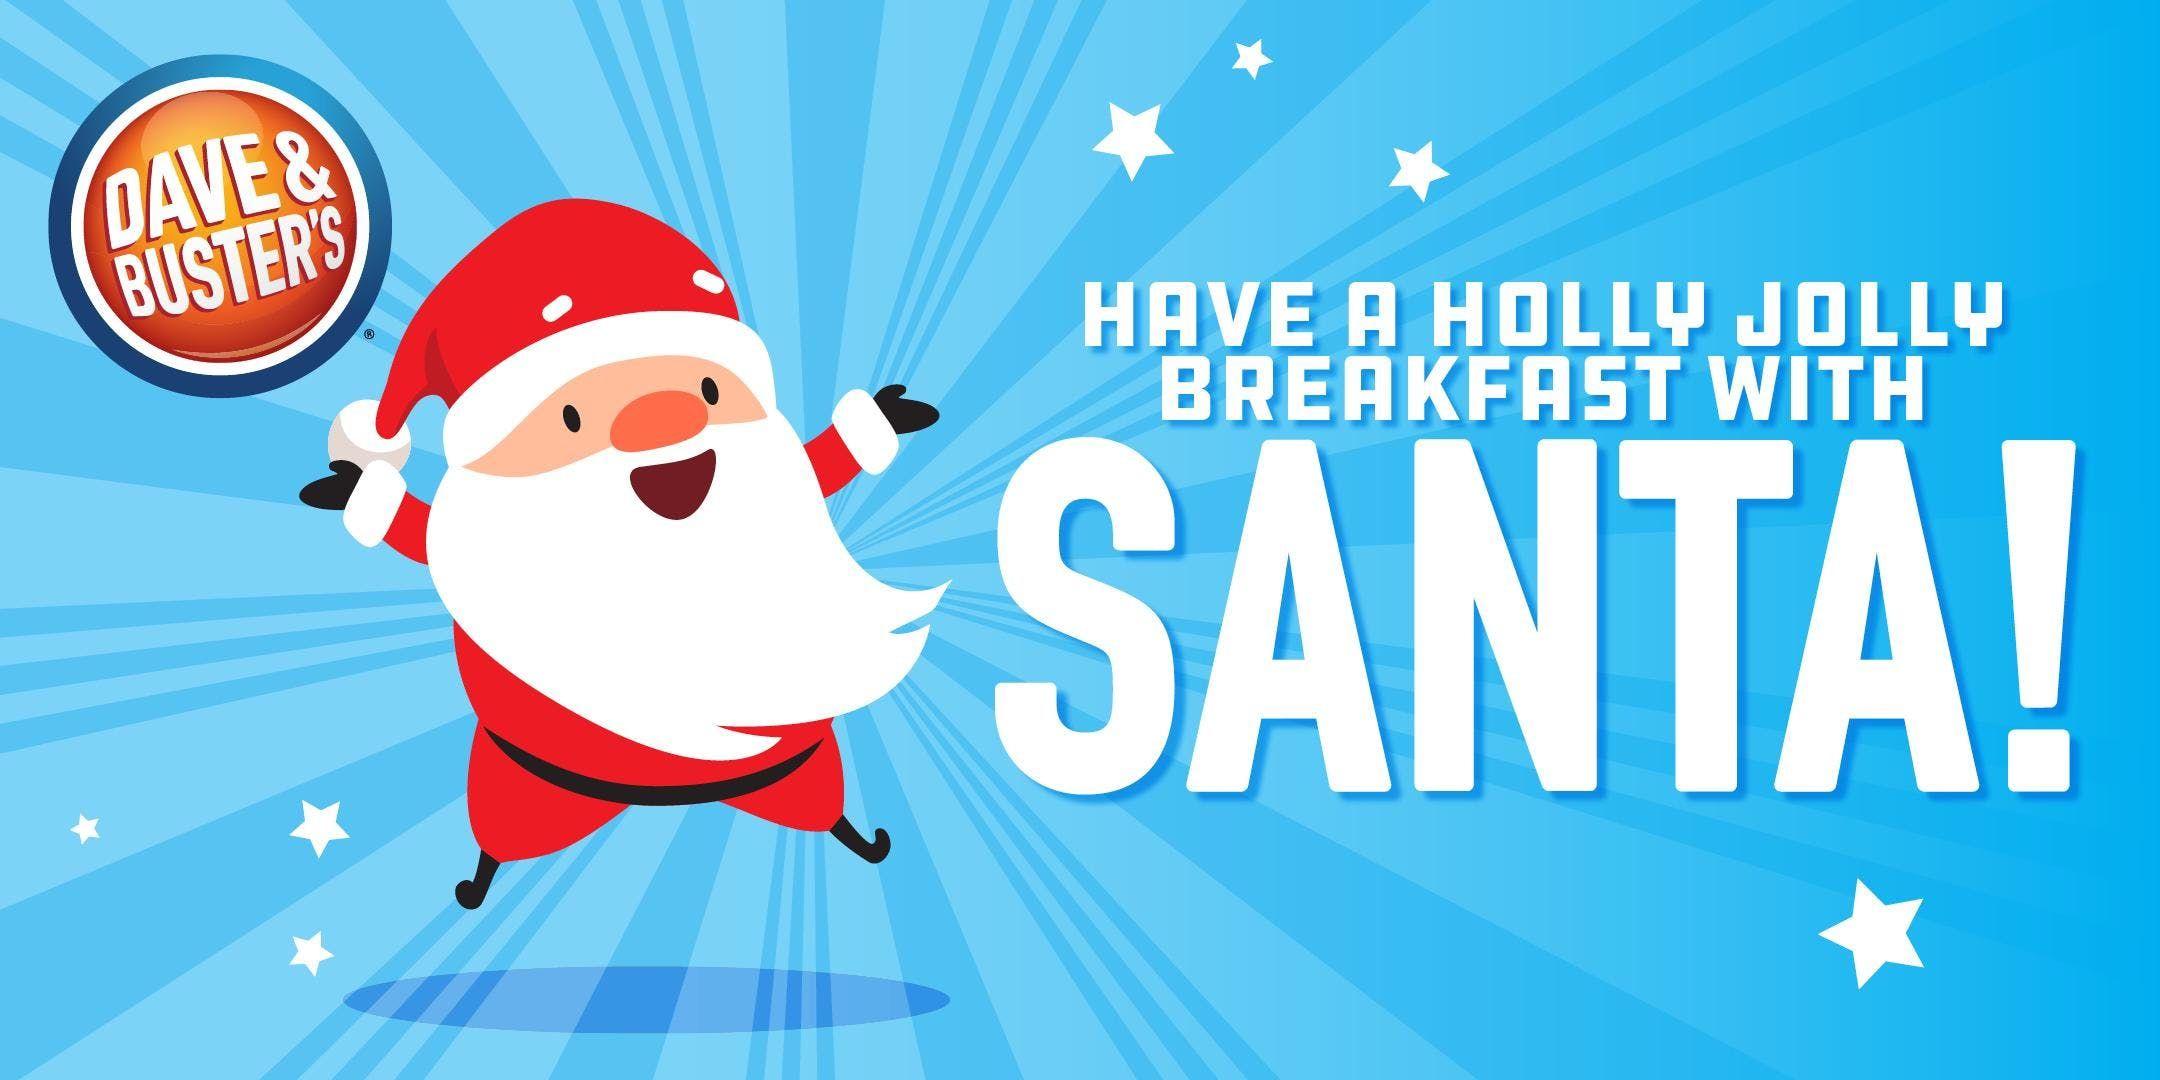 D&B Albany NY Breakfast with Santa